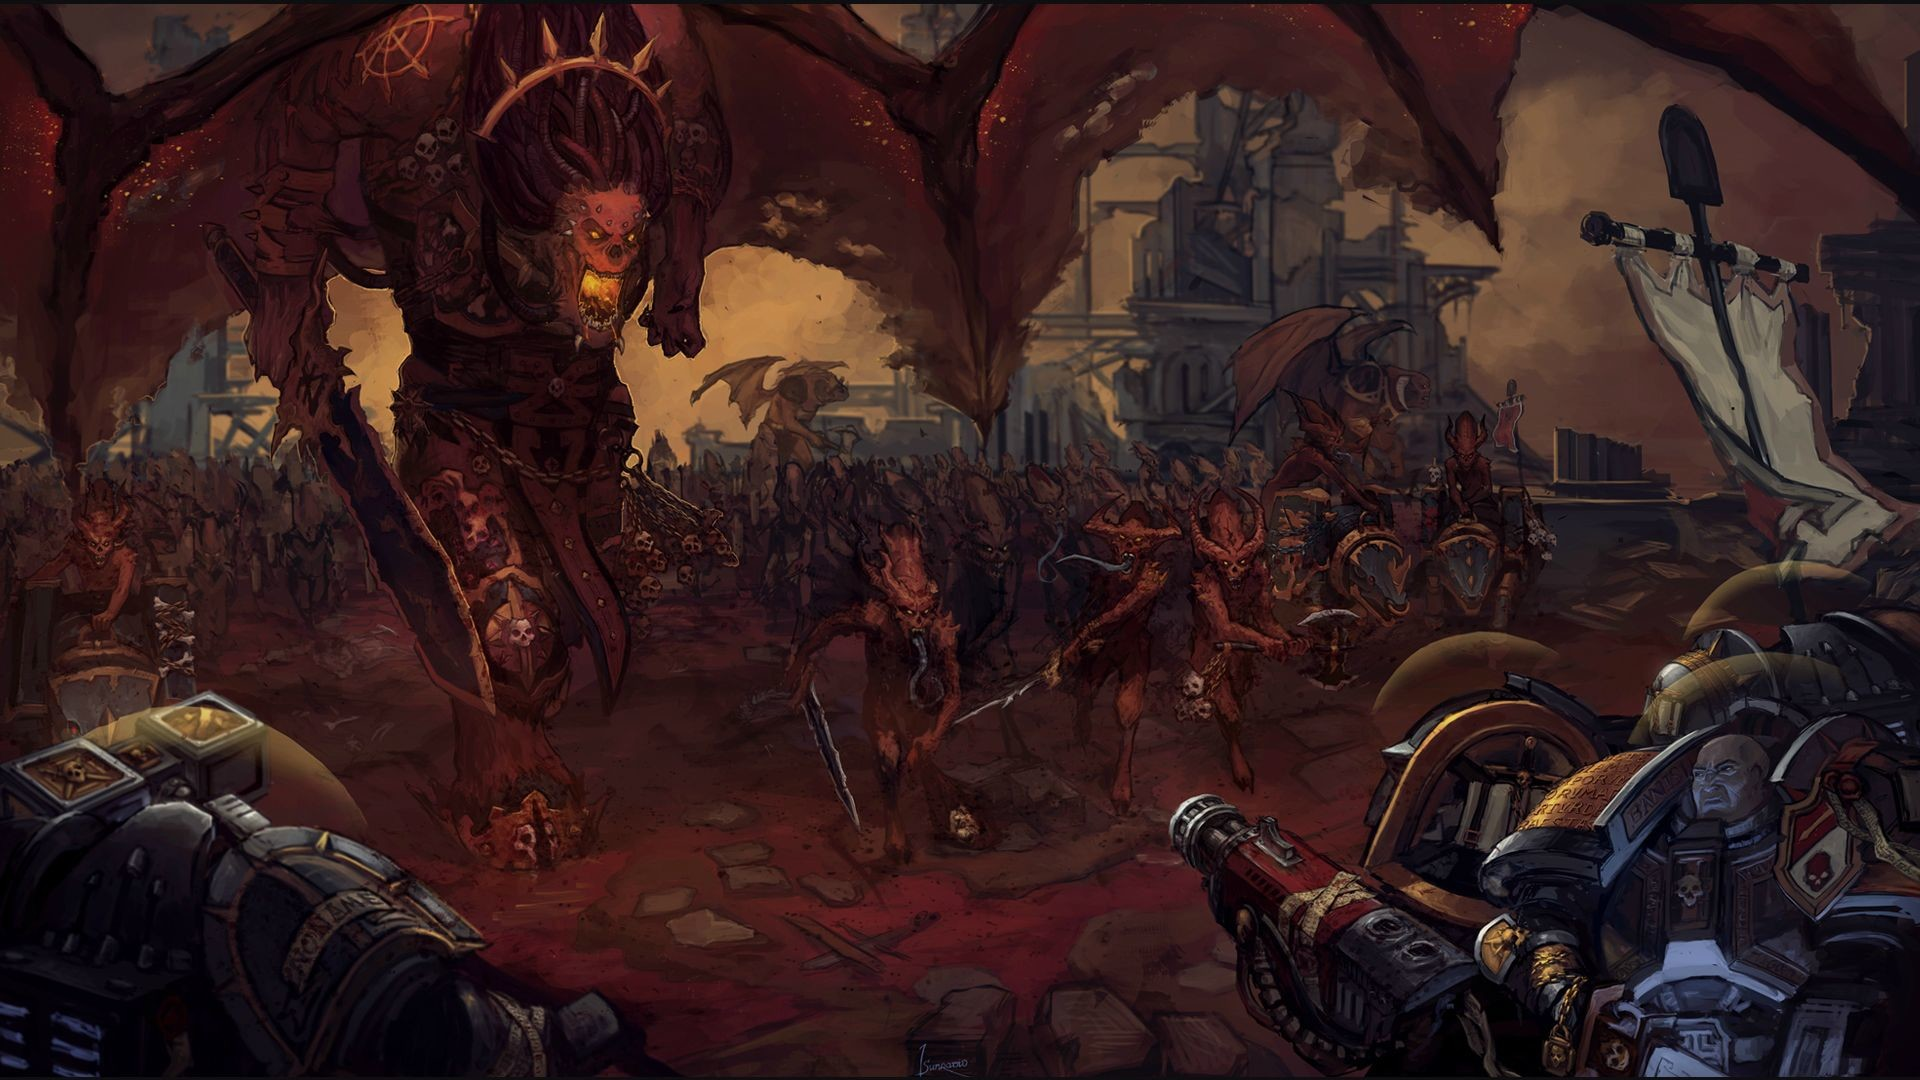 My personal Warhammer 40k wallpaper dump Part4! Enjoy